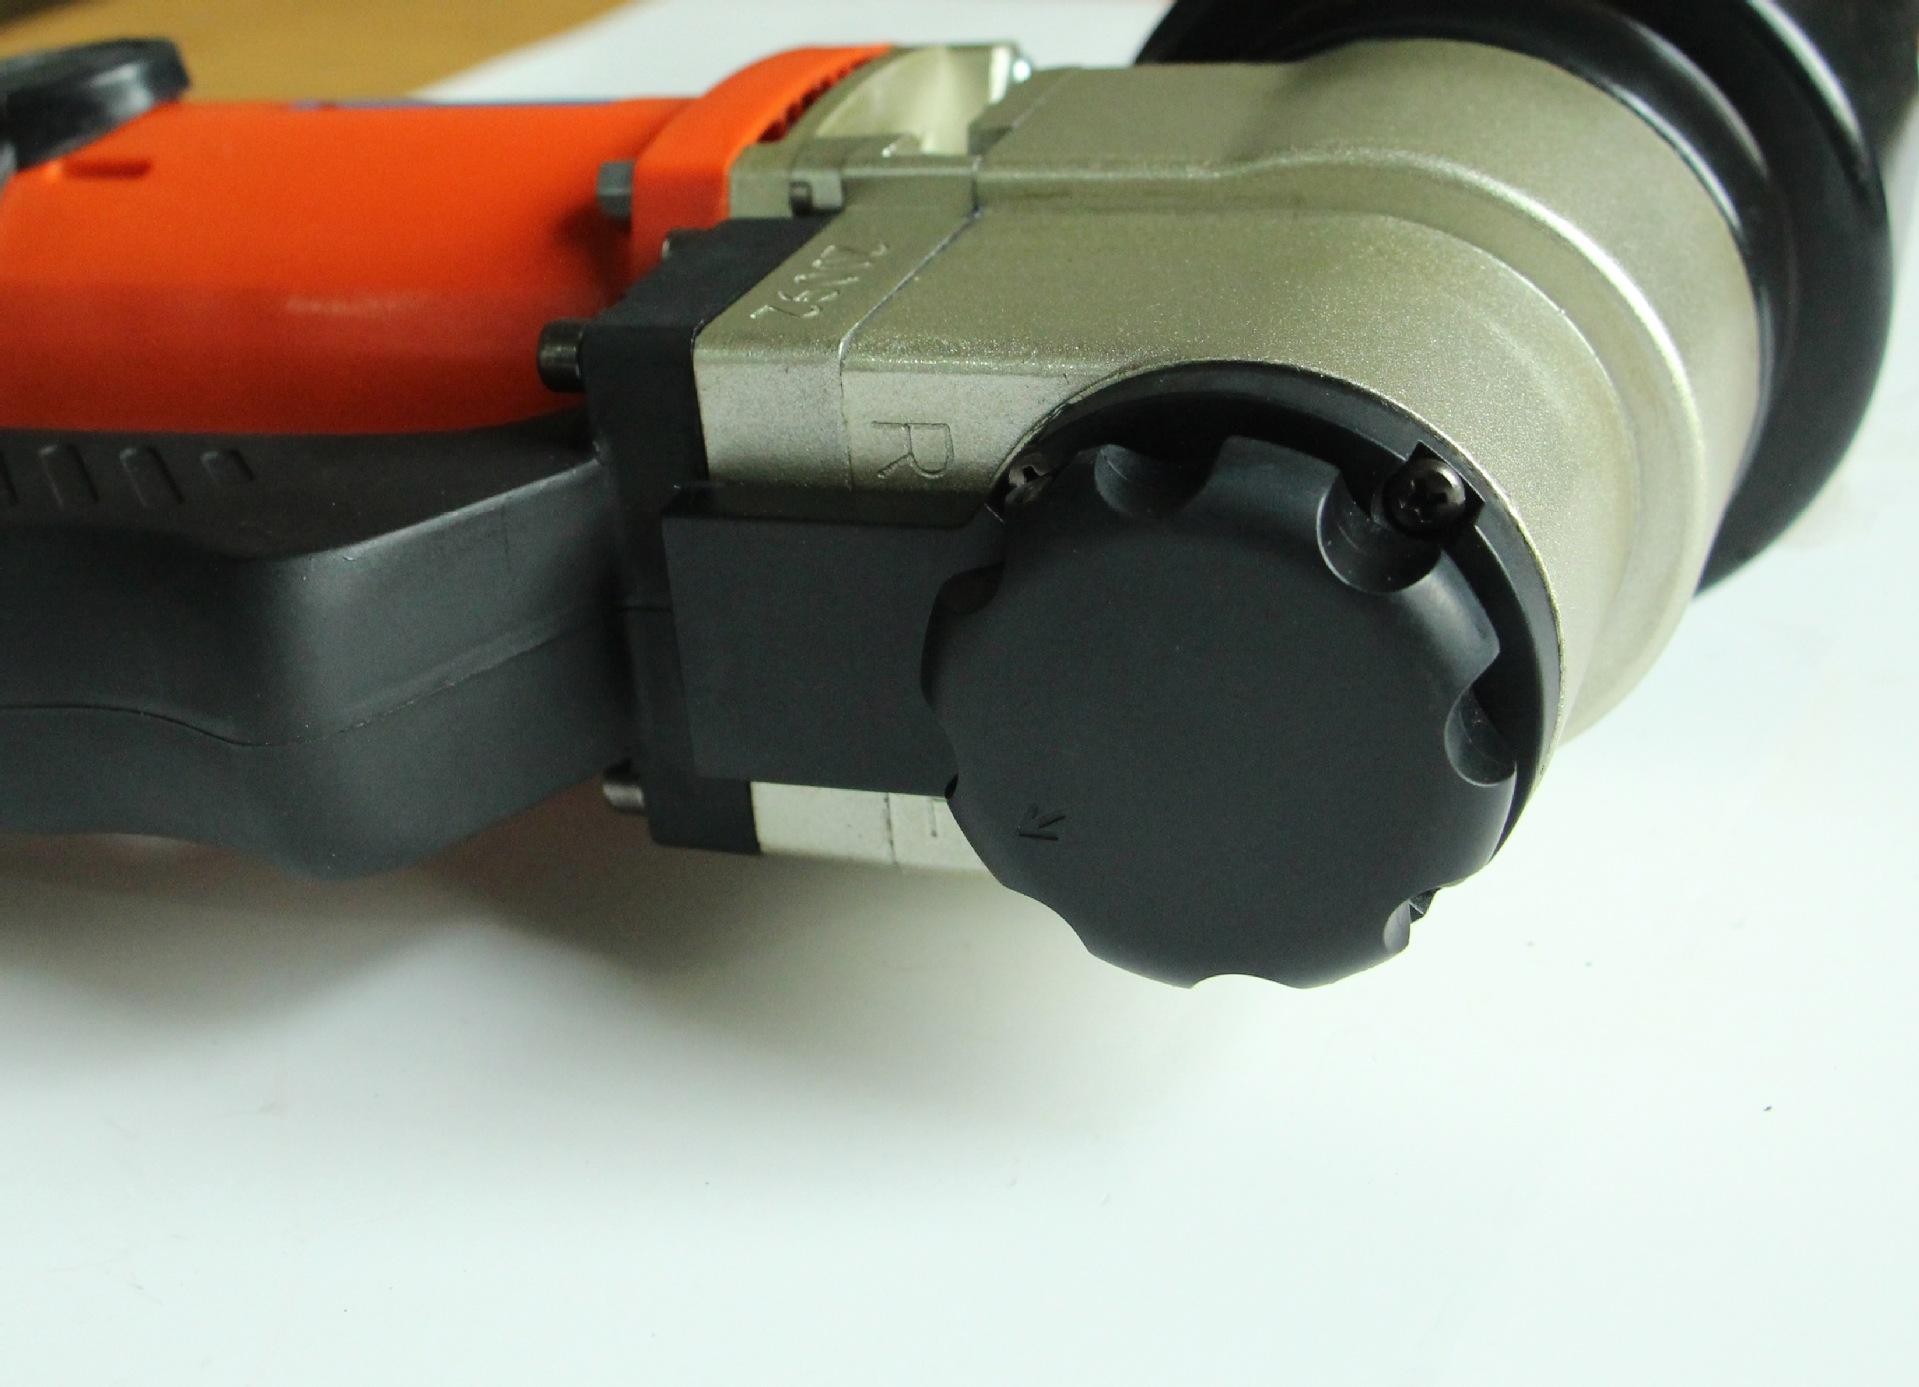 专业供应电动扭矩扳手 数显电动扭矩扳手 可调式电动扭矩扳手示例图2